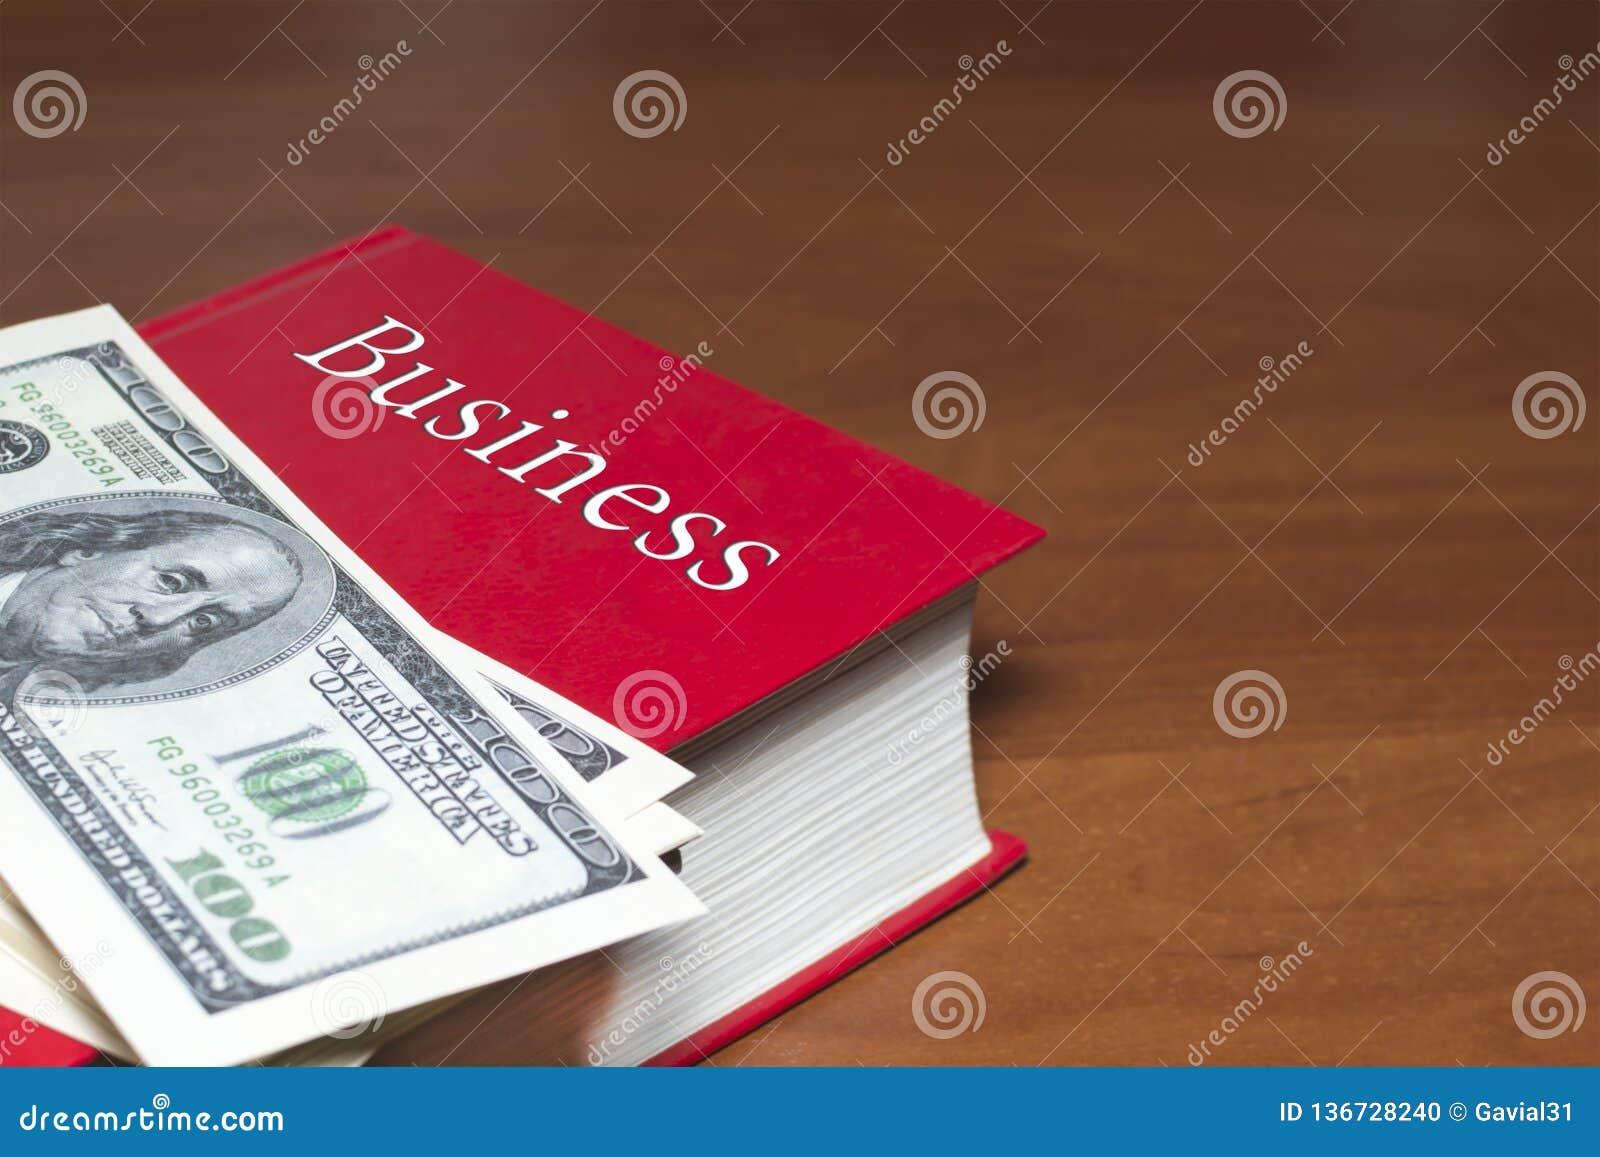 Πολλά δολάρια σε ένα κόκκινο βιβλίο